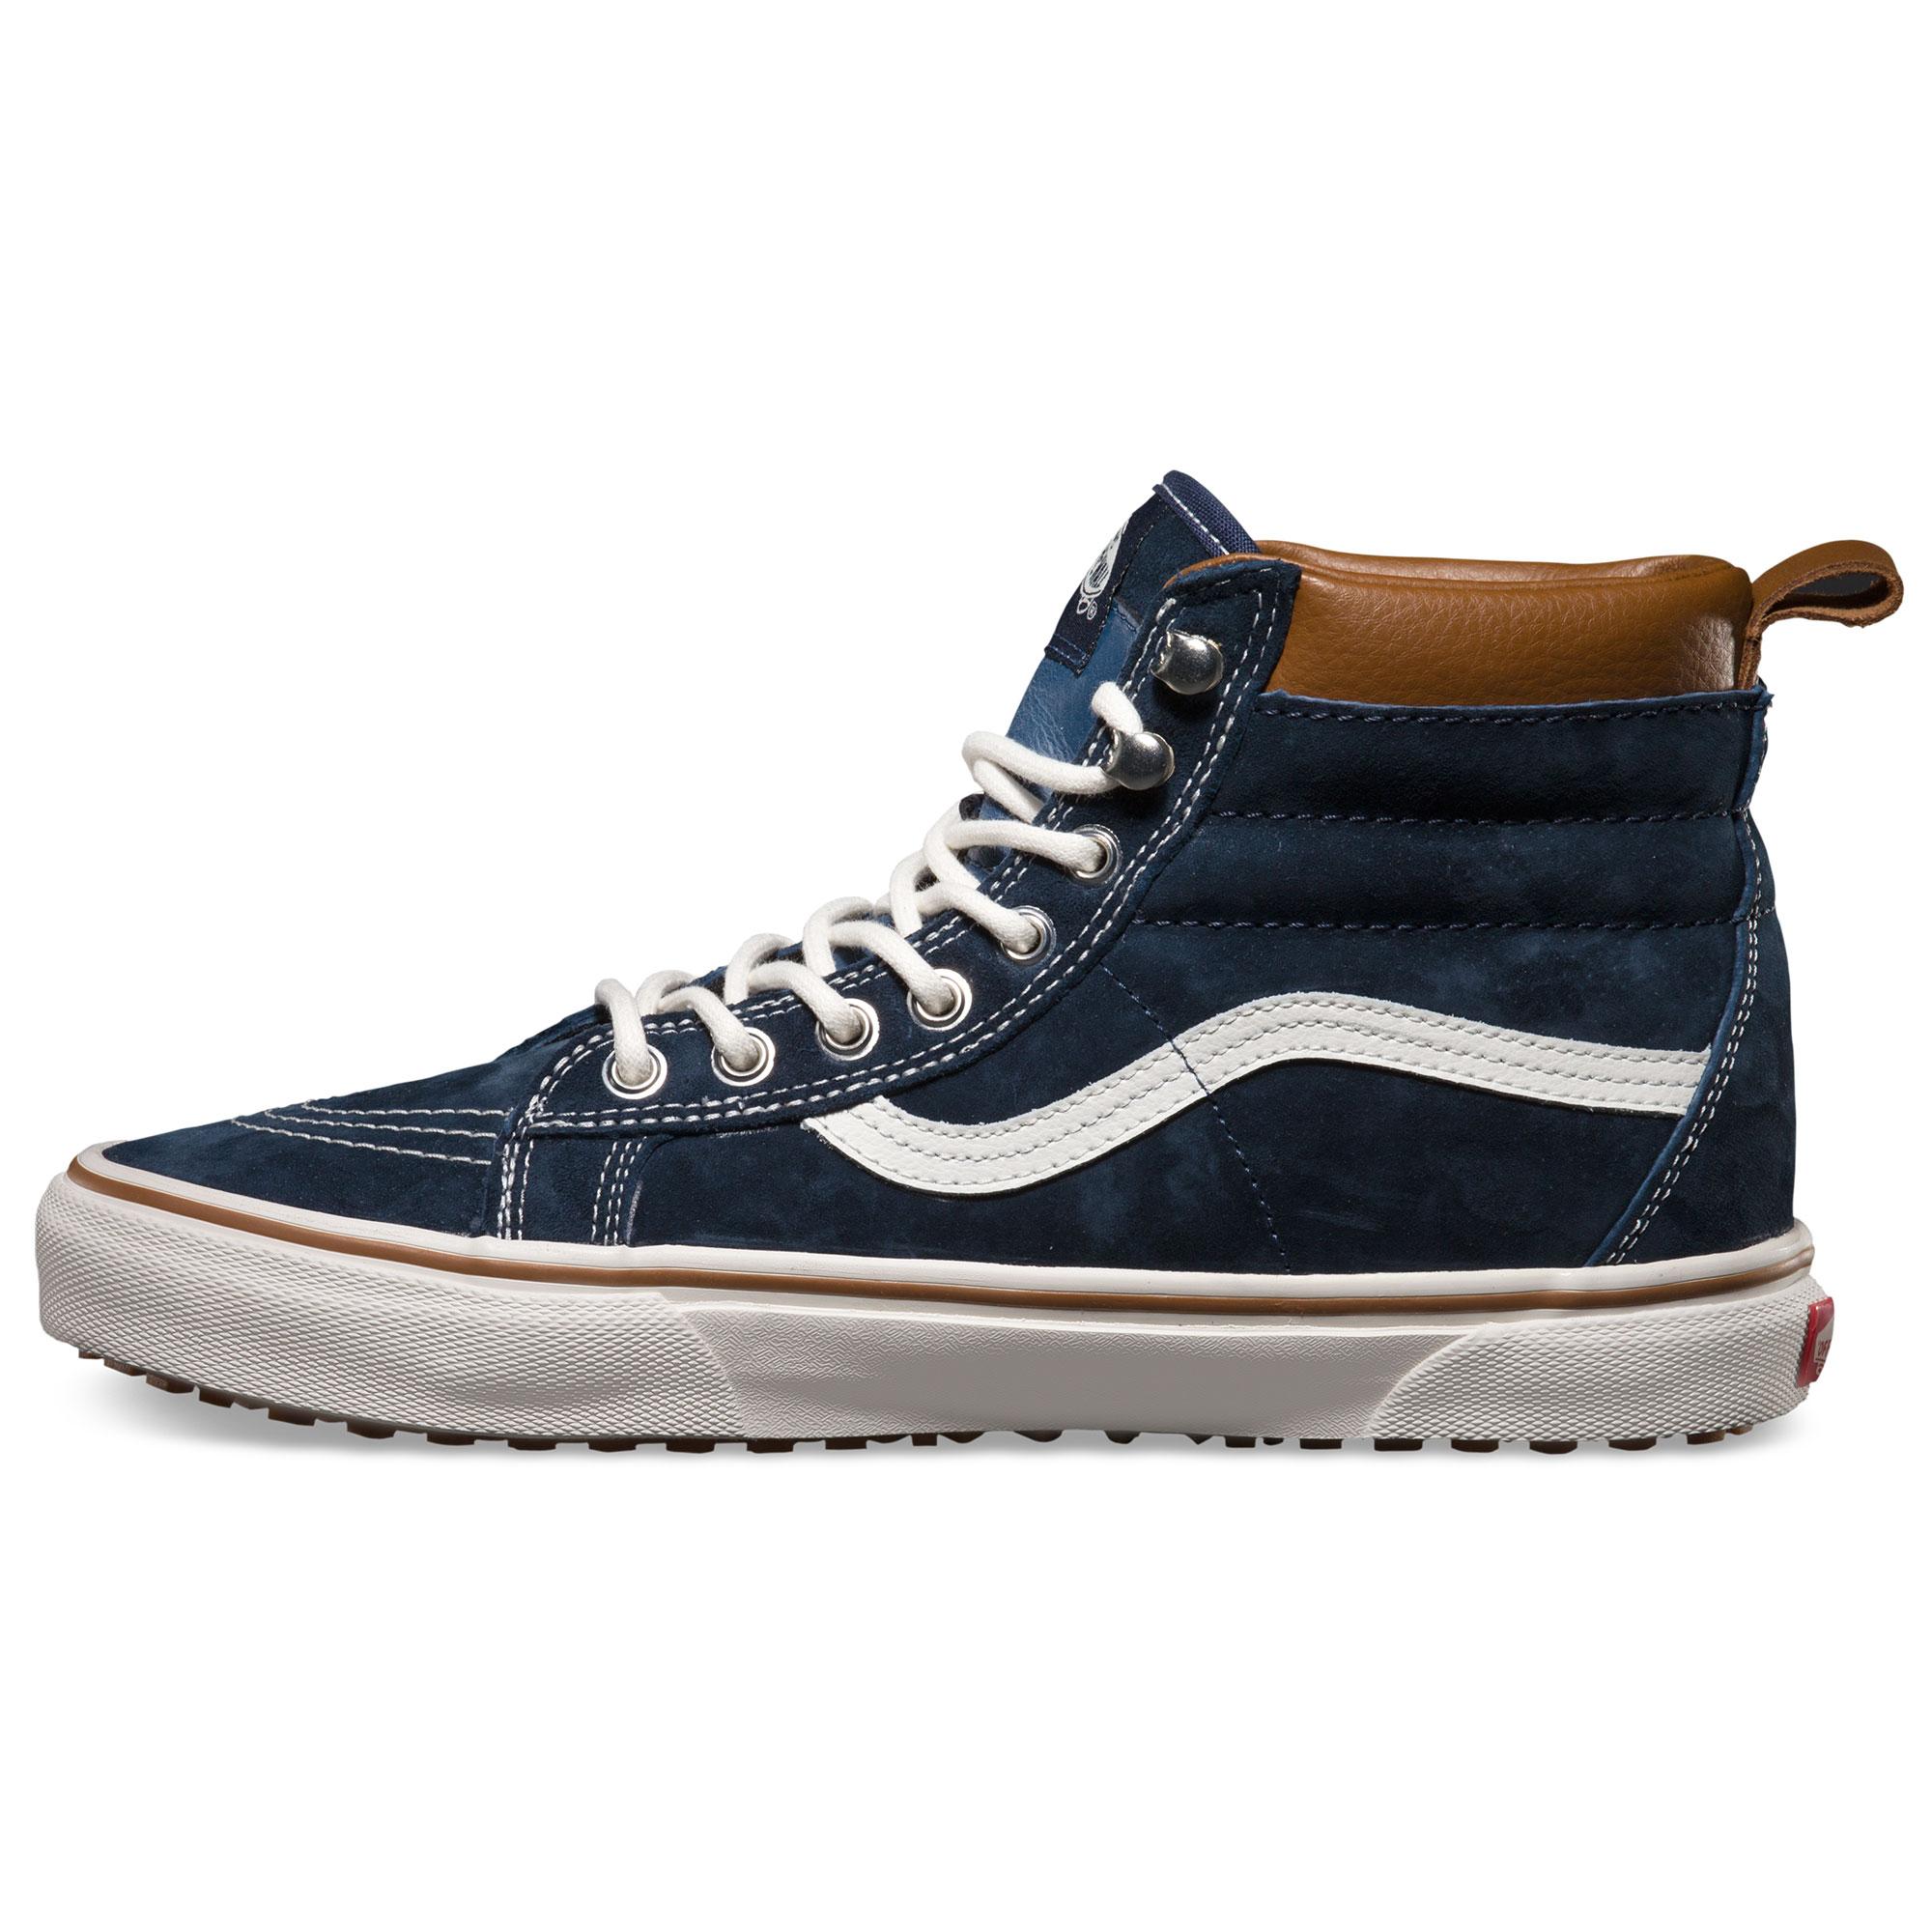 Vans Men s Sk8-Hi MTE Dress Blues Casual Shoes - Sun   Ski Sports 81f42cab9